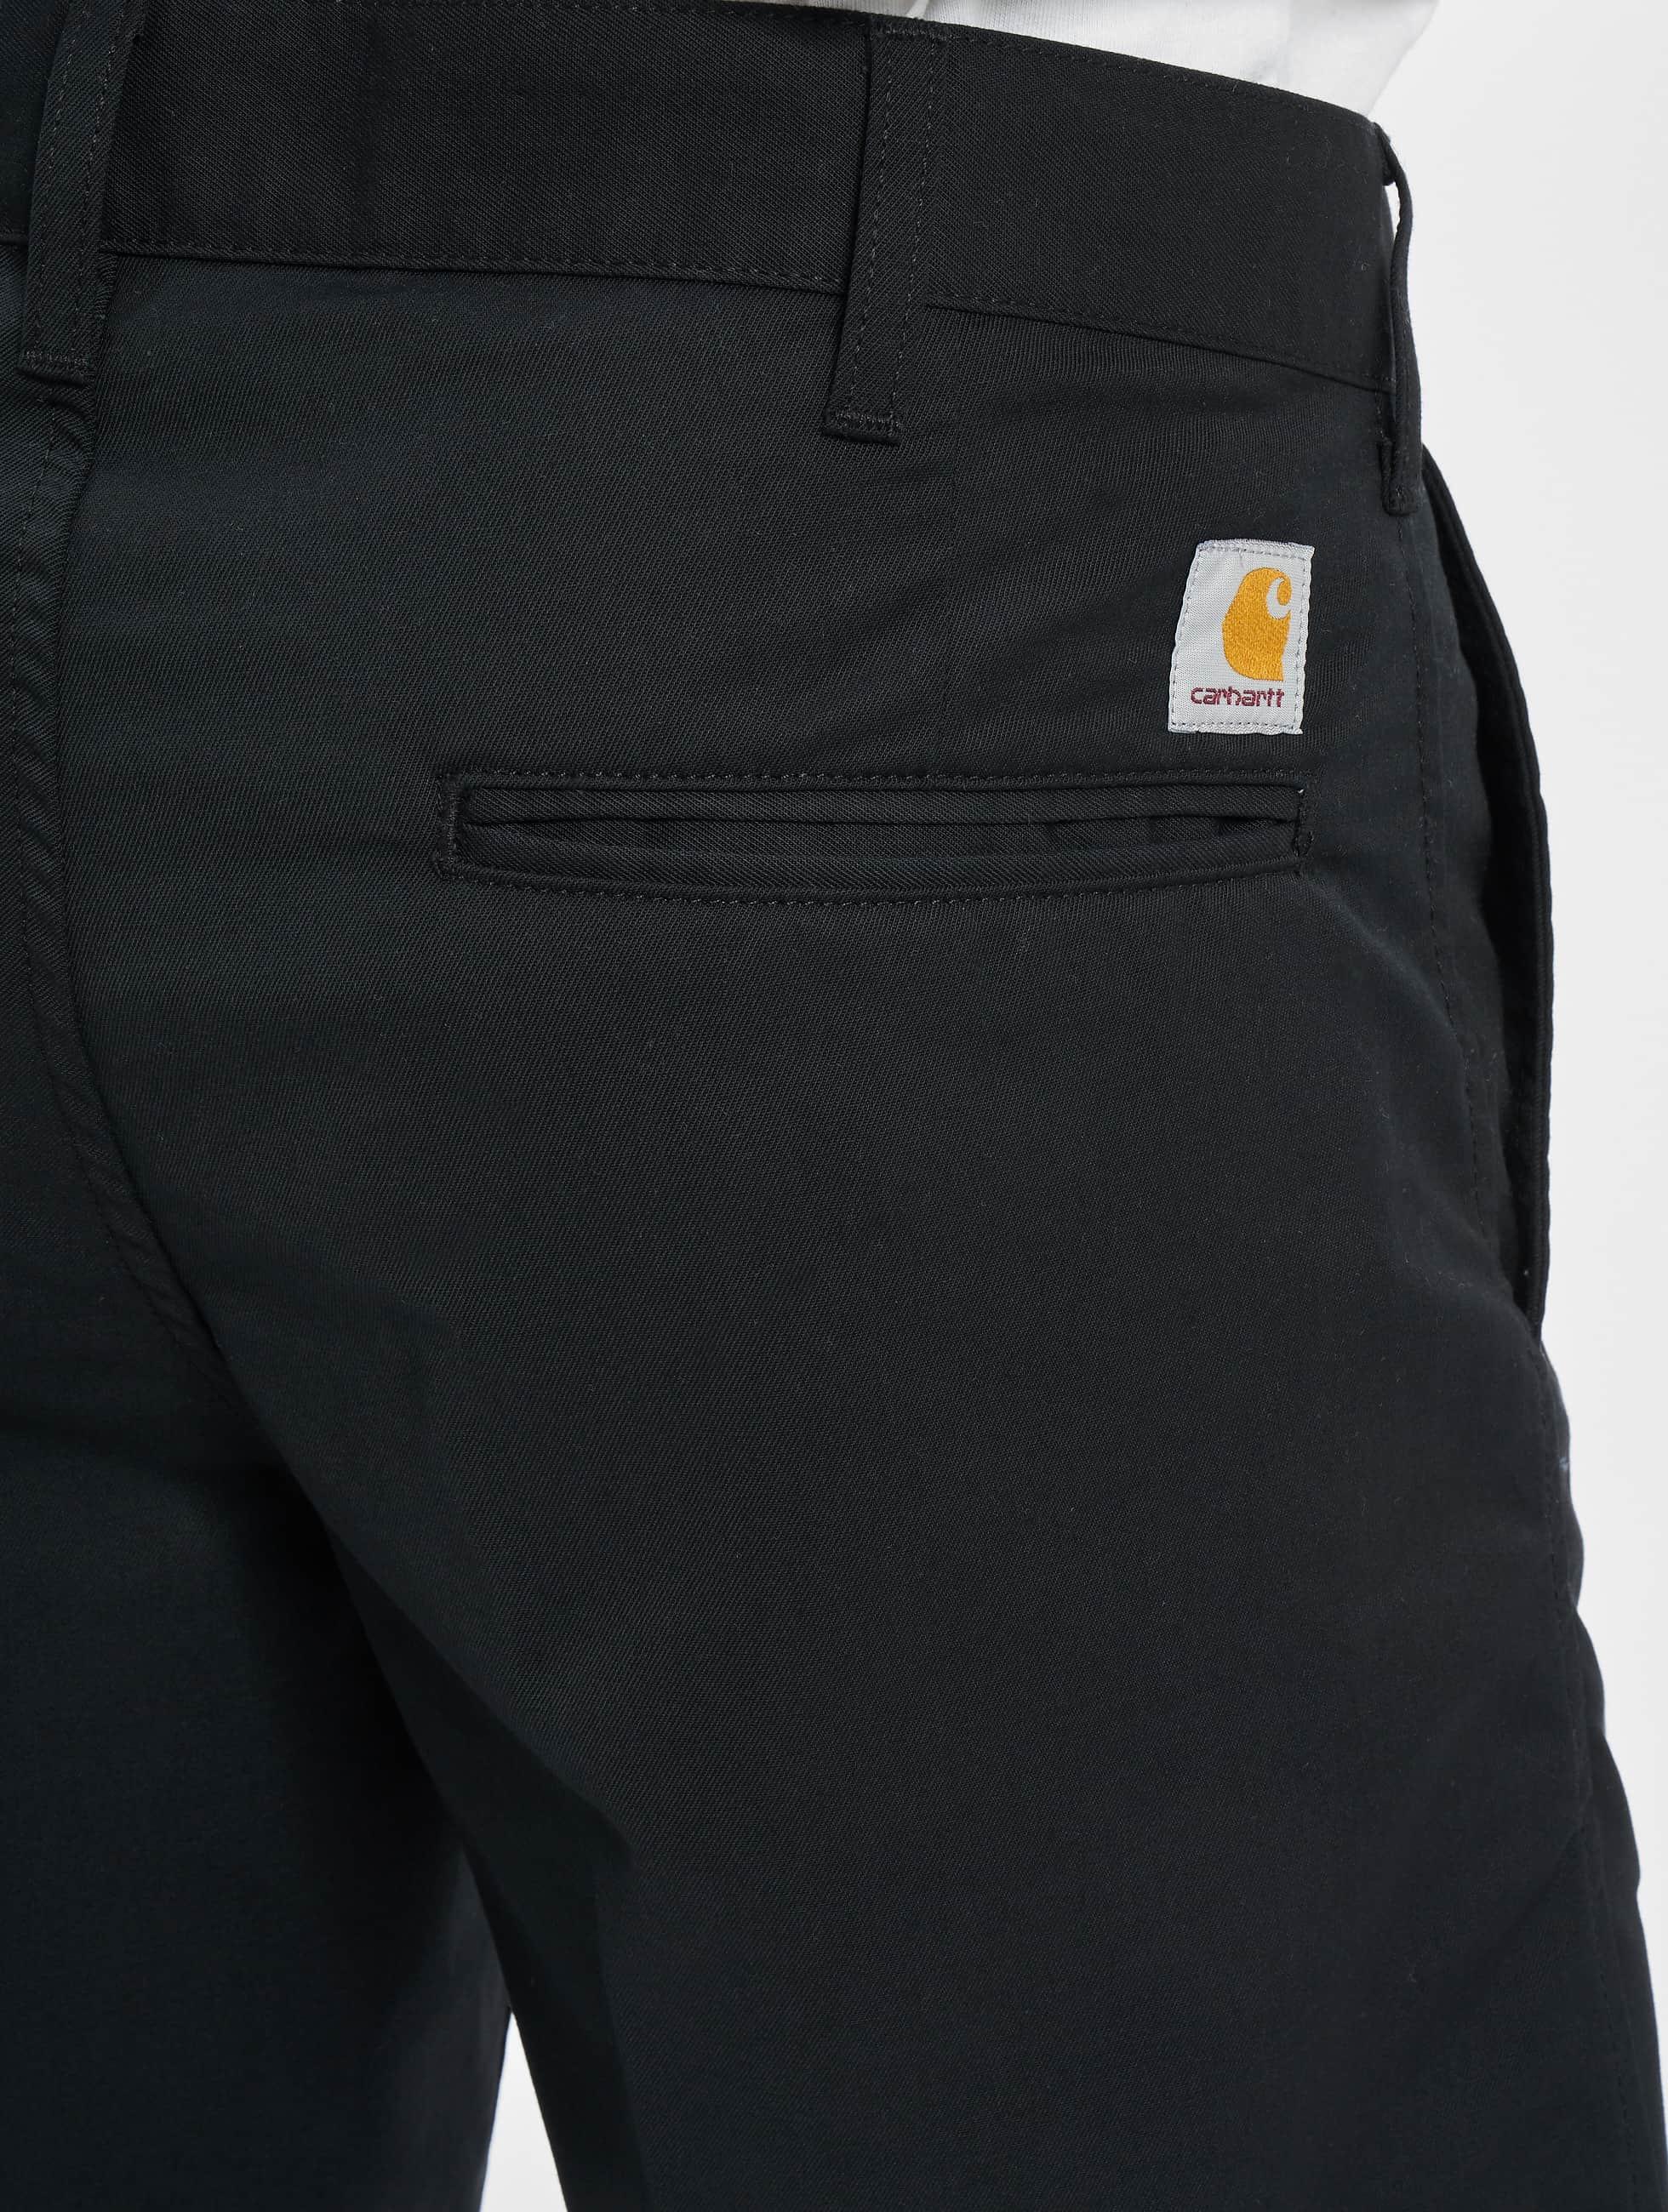 Carhartt WIP Shorts Presenter schwarz